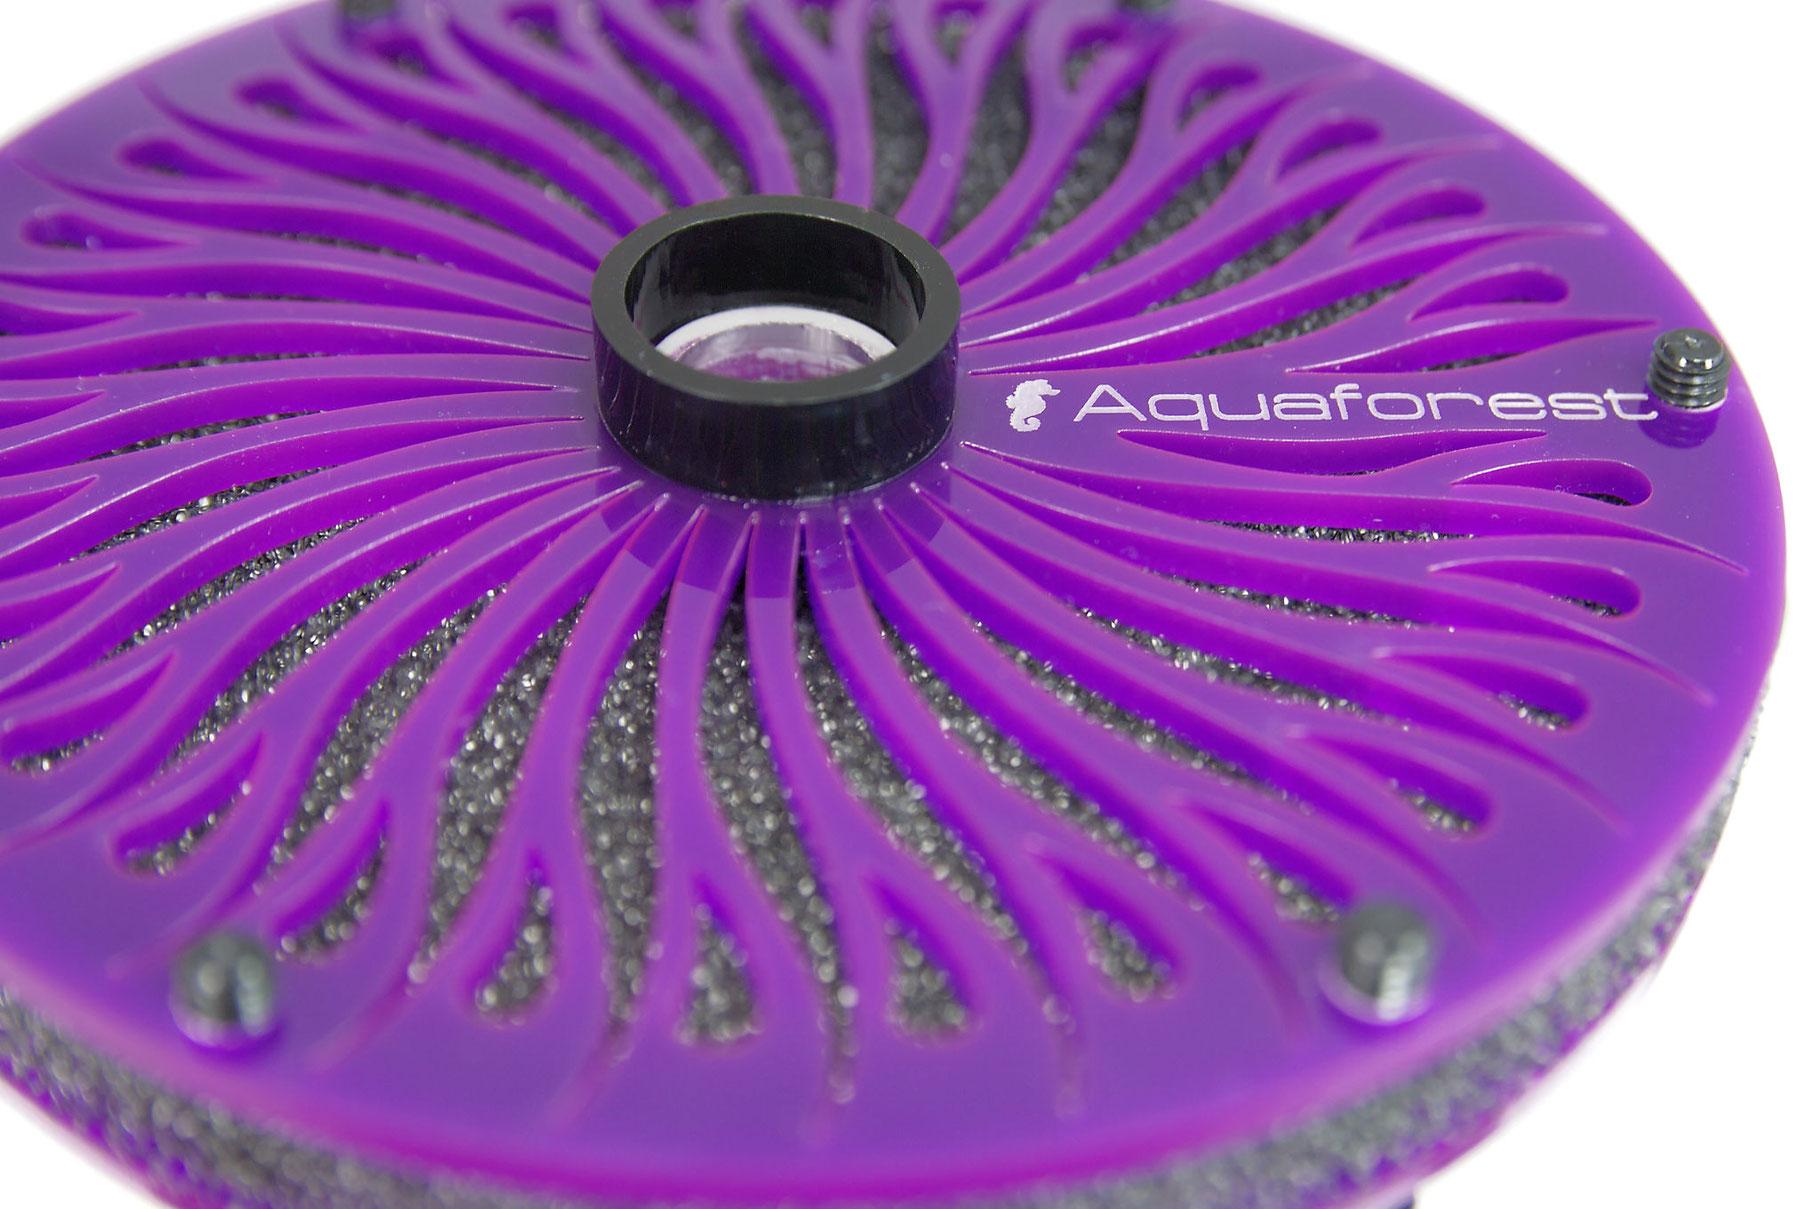 Aquaforest AF 110 Media Reactor